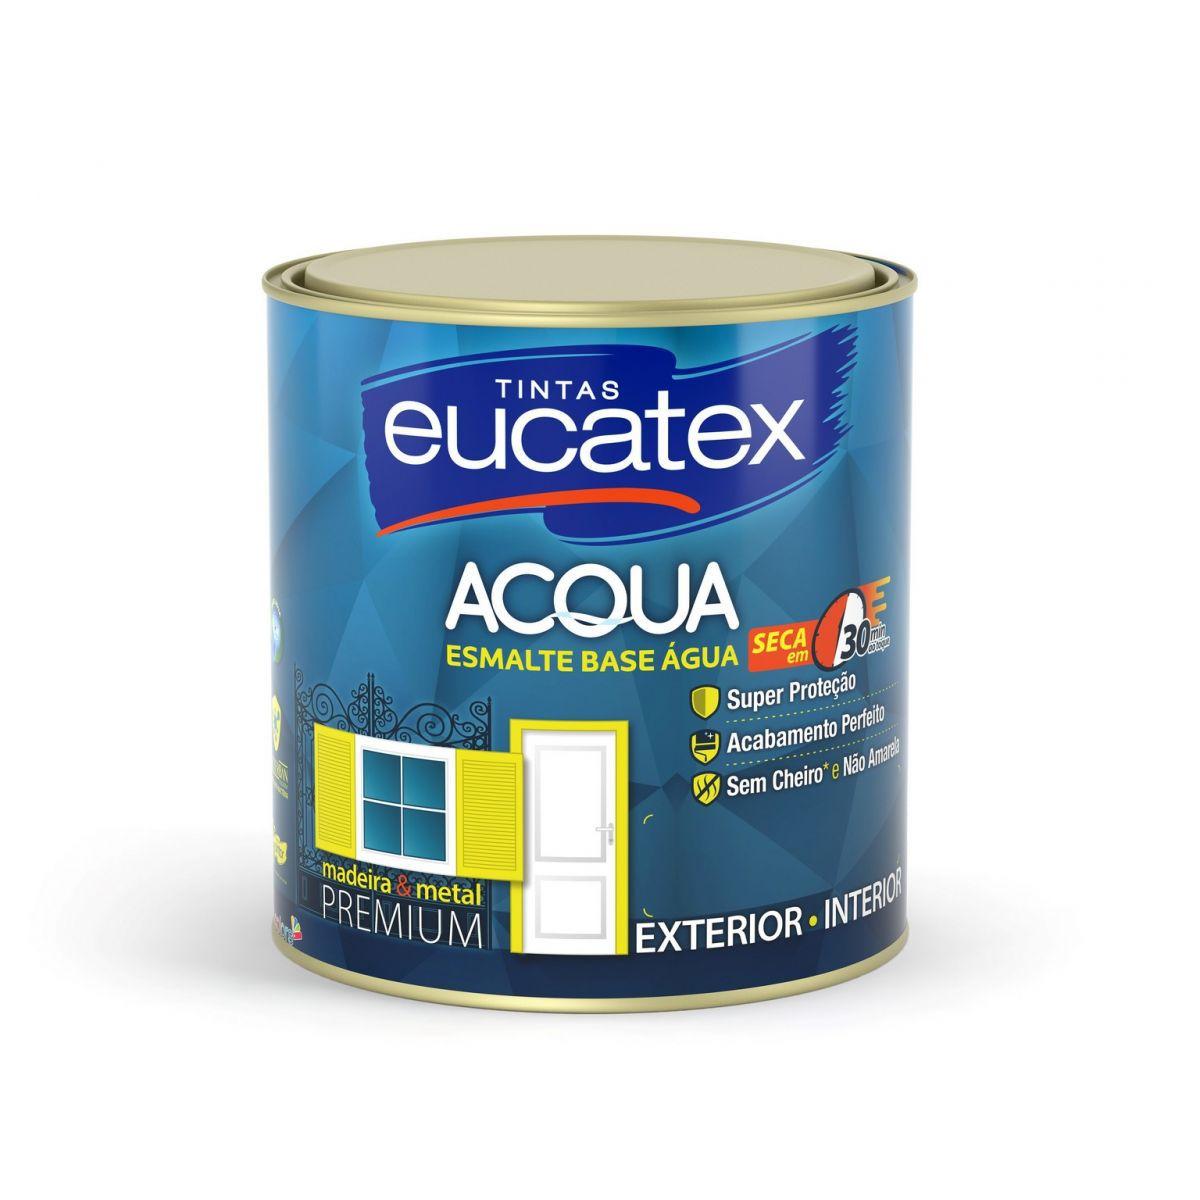 Eucatex Esmalte Brilhante Acqua 900ml